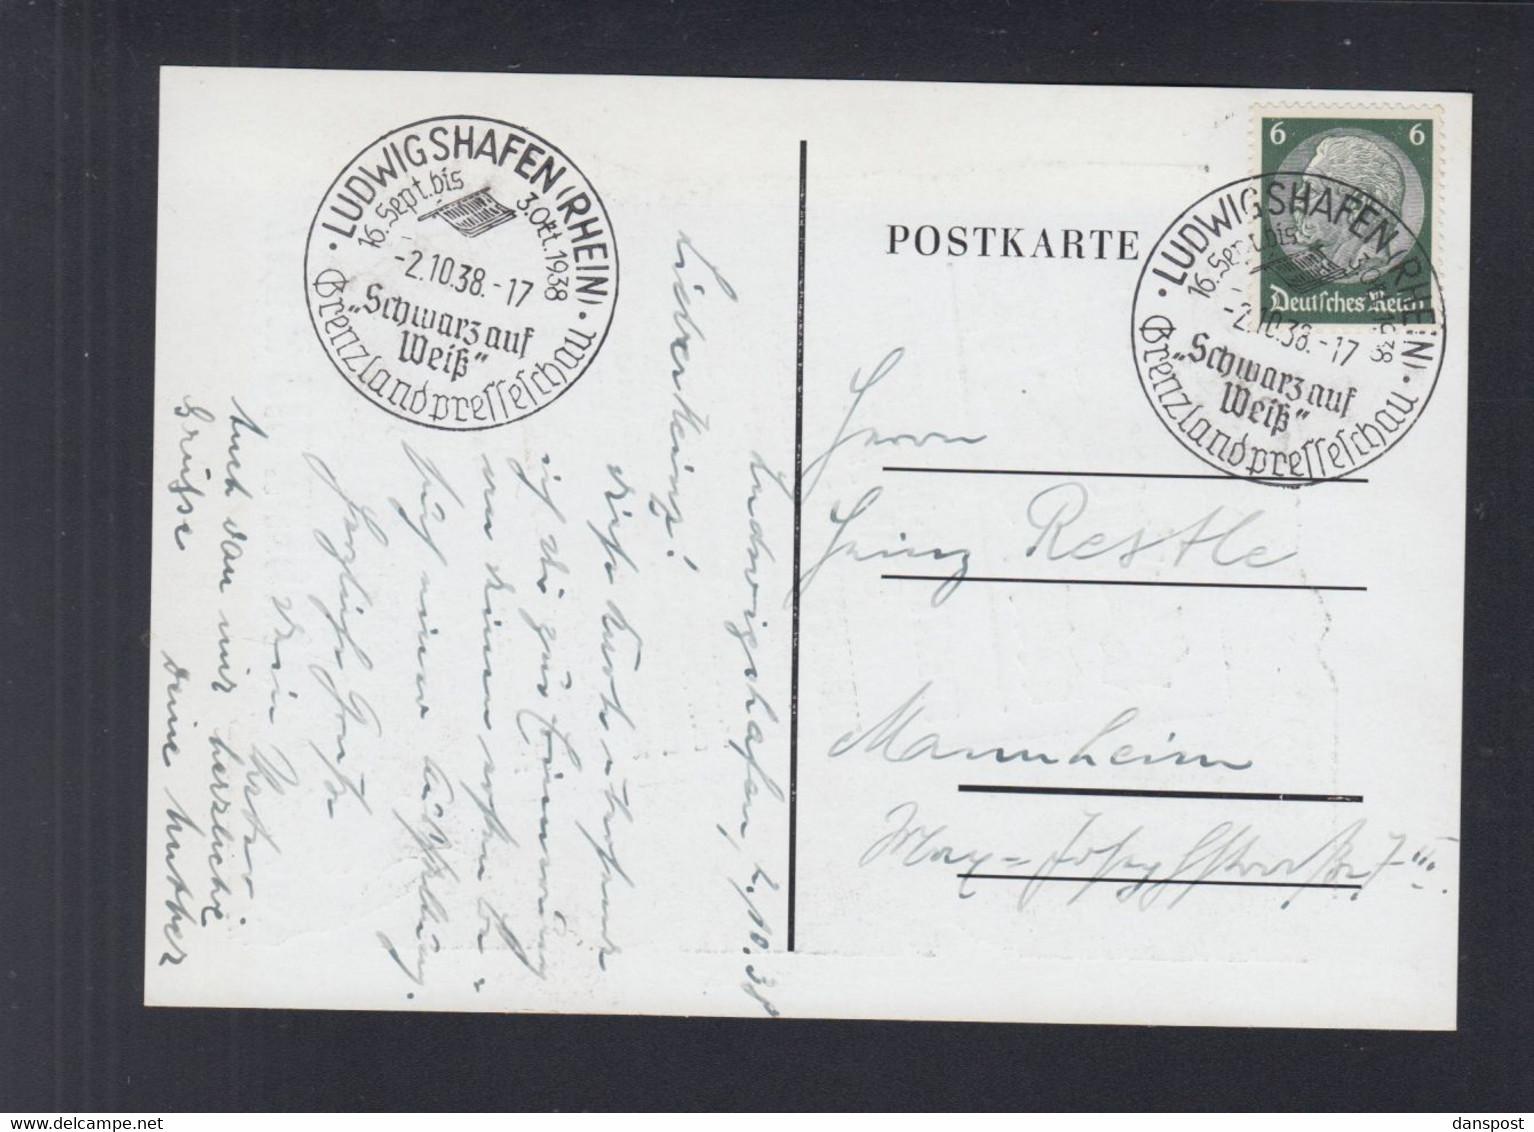 Dt. Reich PK Schwarz Auf Weiß Presseschau Ludwigshafen 1938 - Ludwigshafen